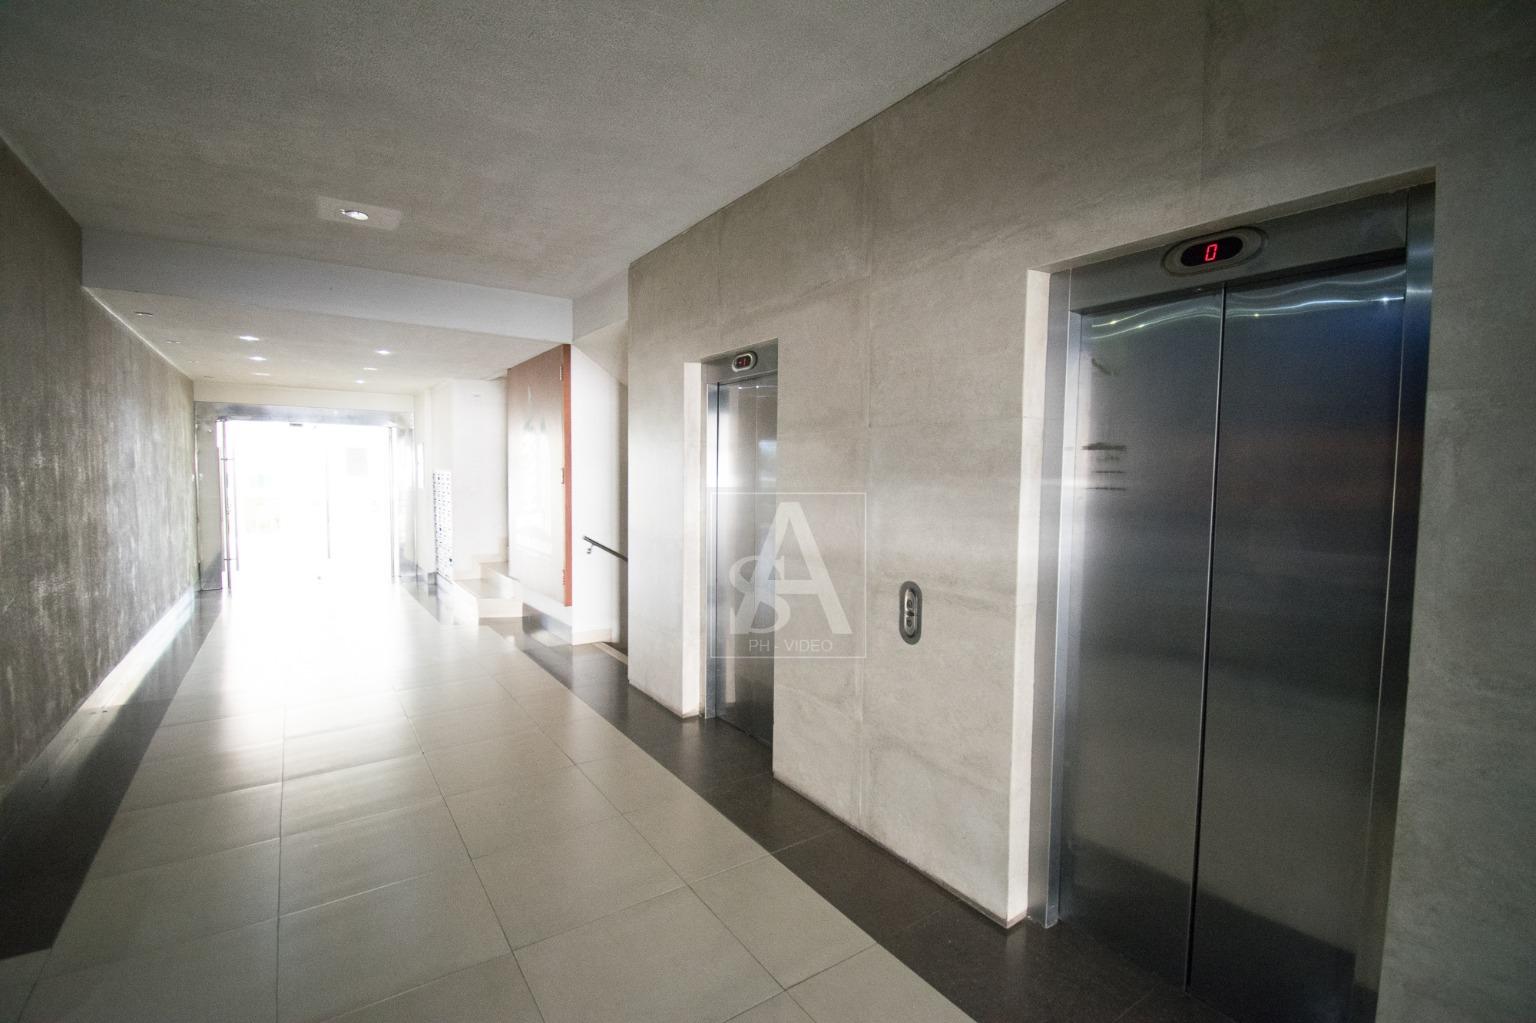 Departamento en Venta DEPARTAMENTO EN VENTA - CONDOMINIO PLAZA GUAPAY - 166.60 m². - AV. GUAPAY Foto 27